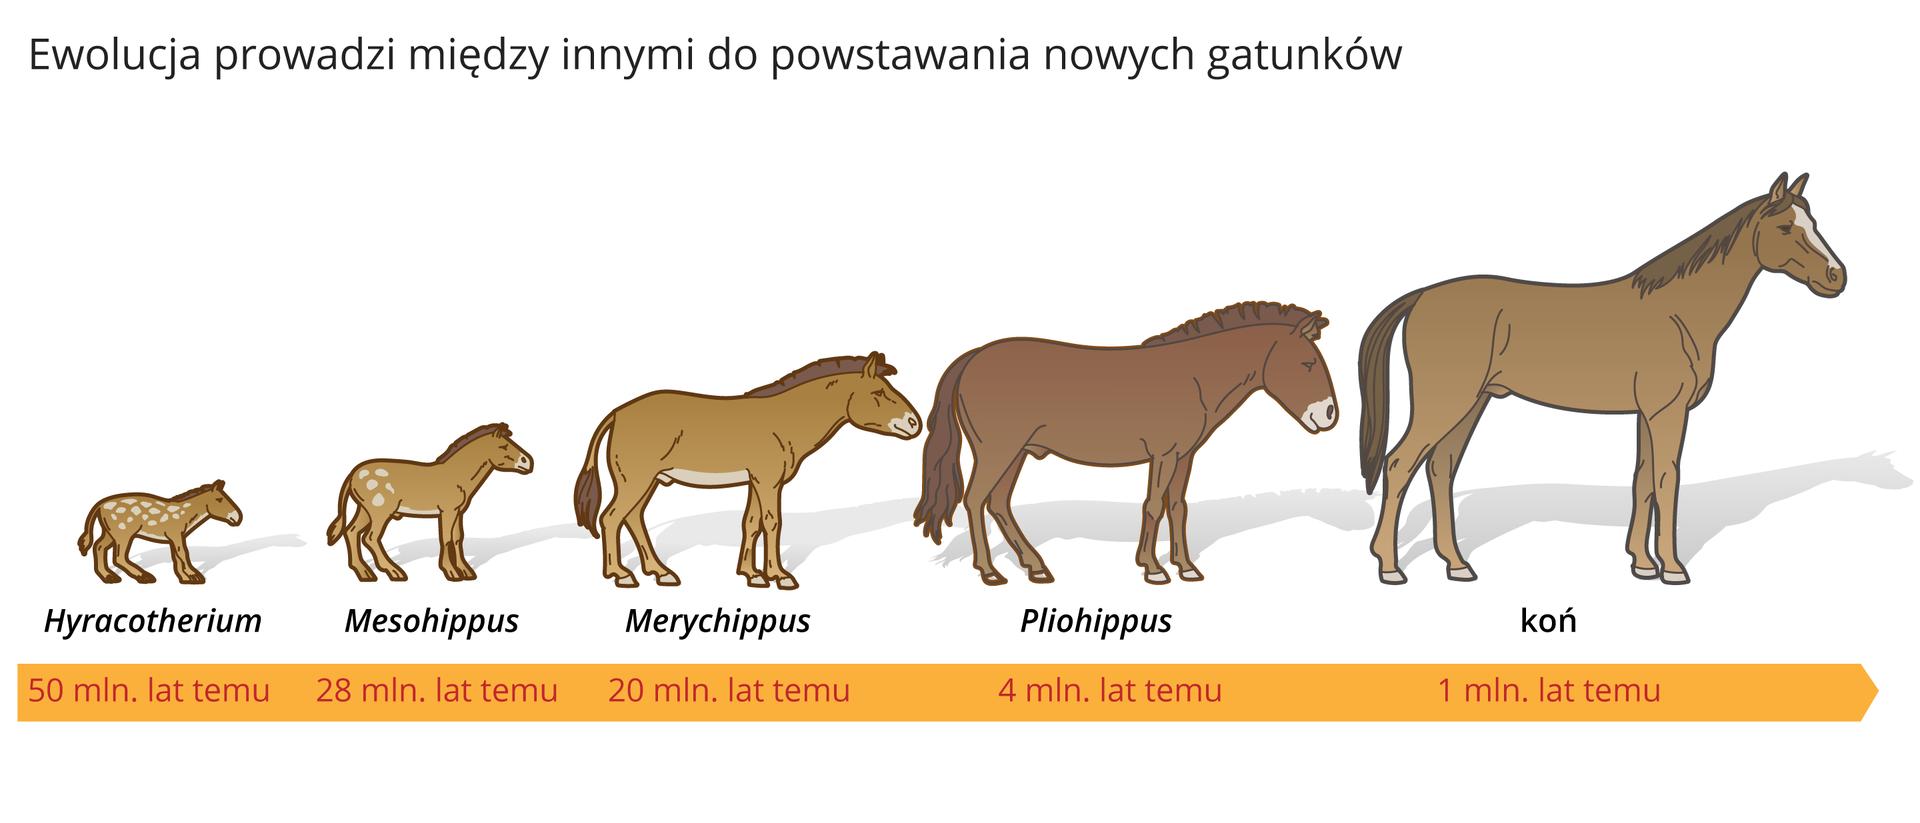 Ilustracja procesu powstawania nowych gatunków na przykładzie pięćdziesięciu milionów lat ewolucji konia.